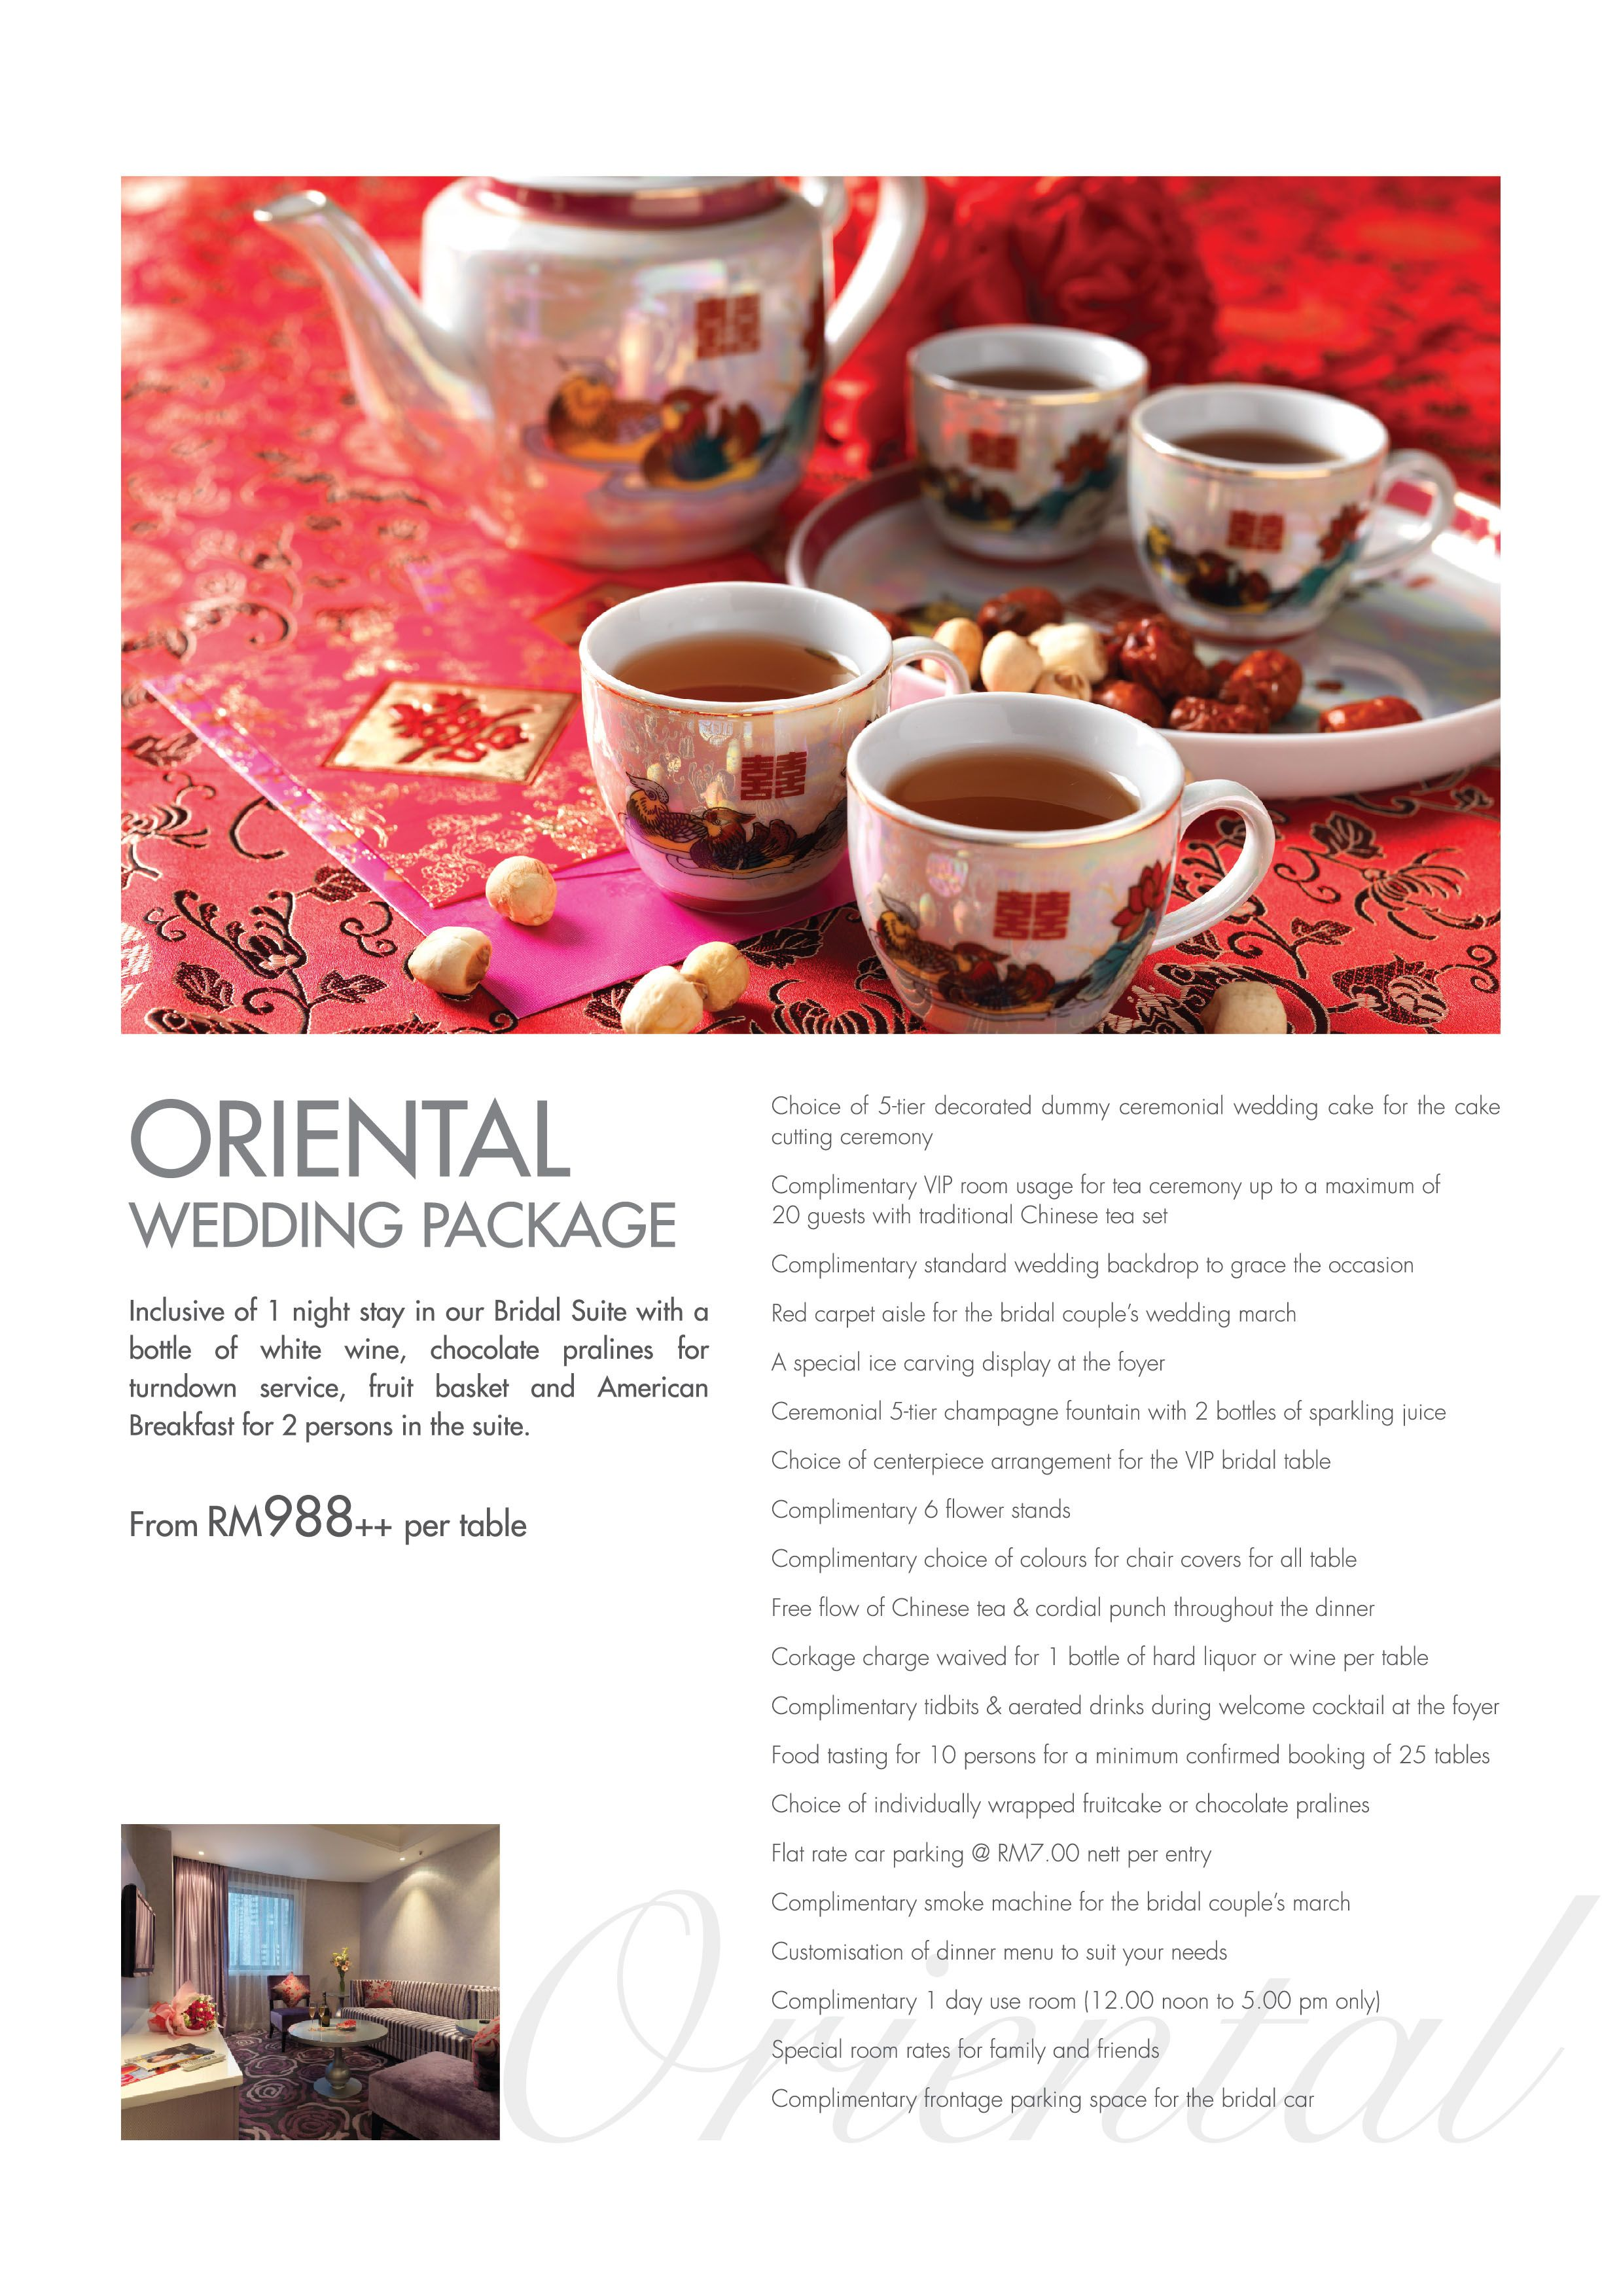 Oriental Wedding Package In Sunway Putra Hotel